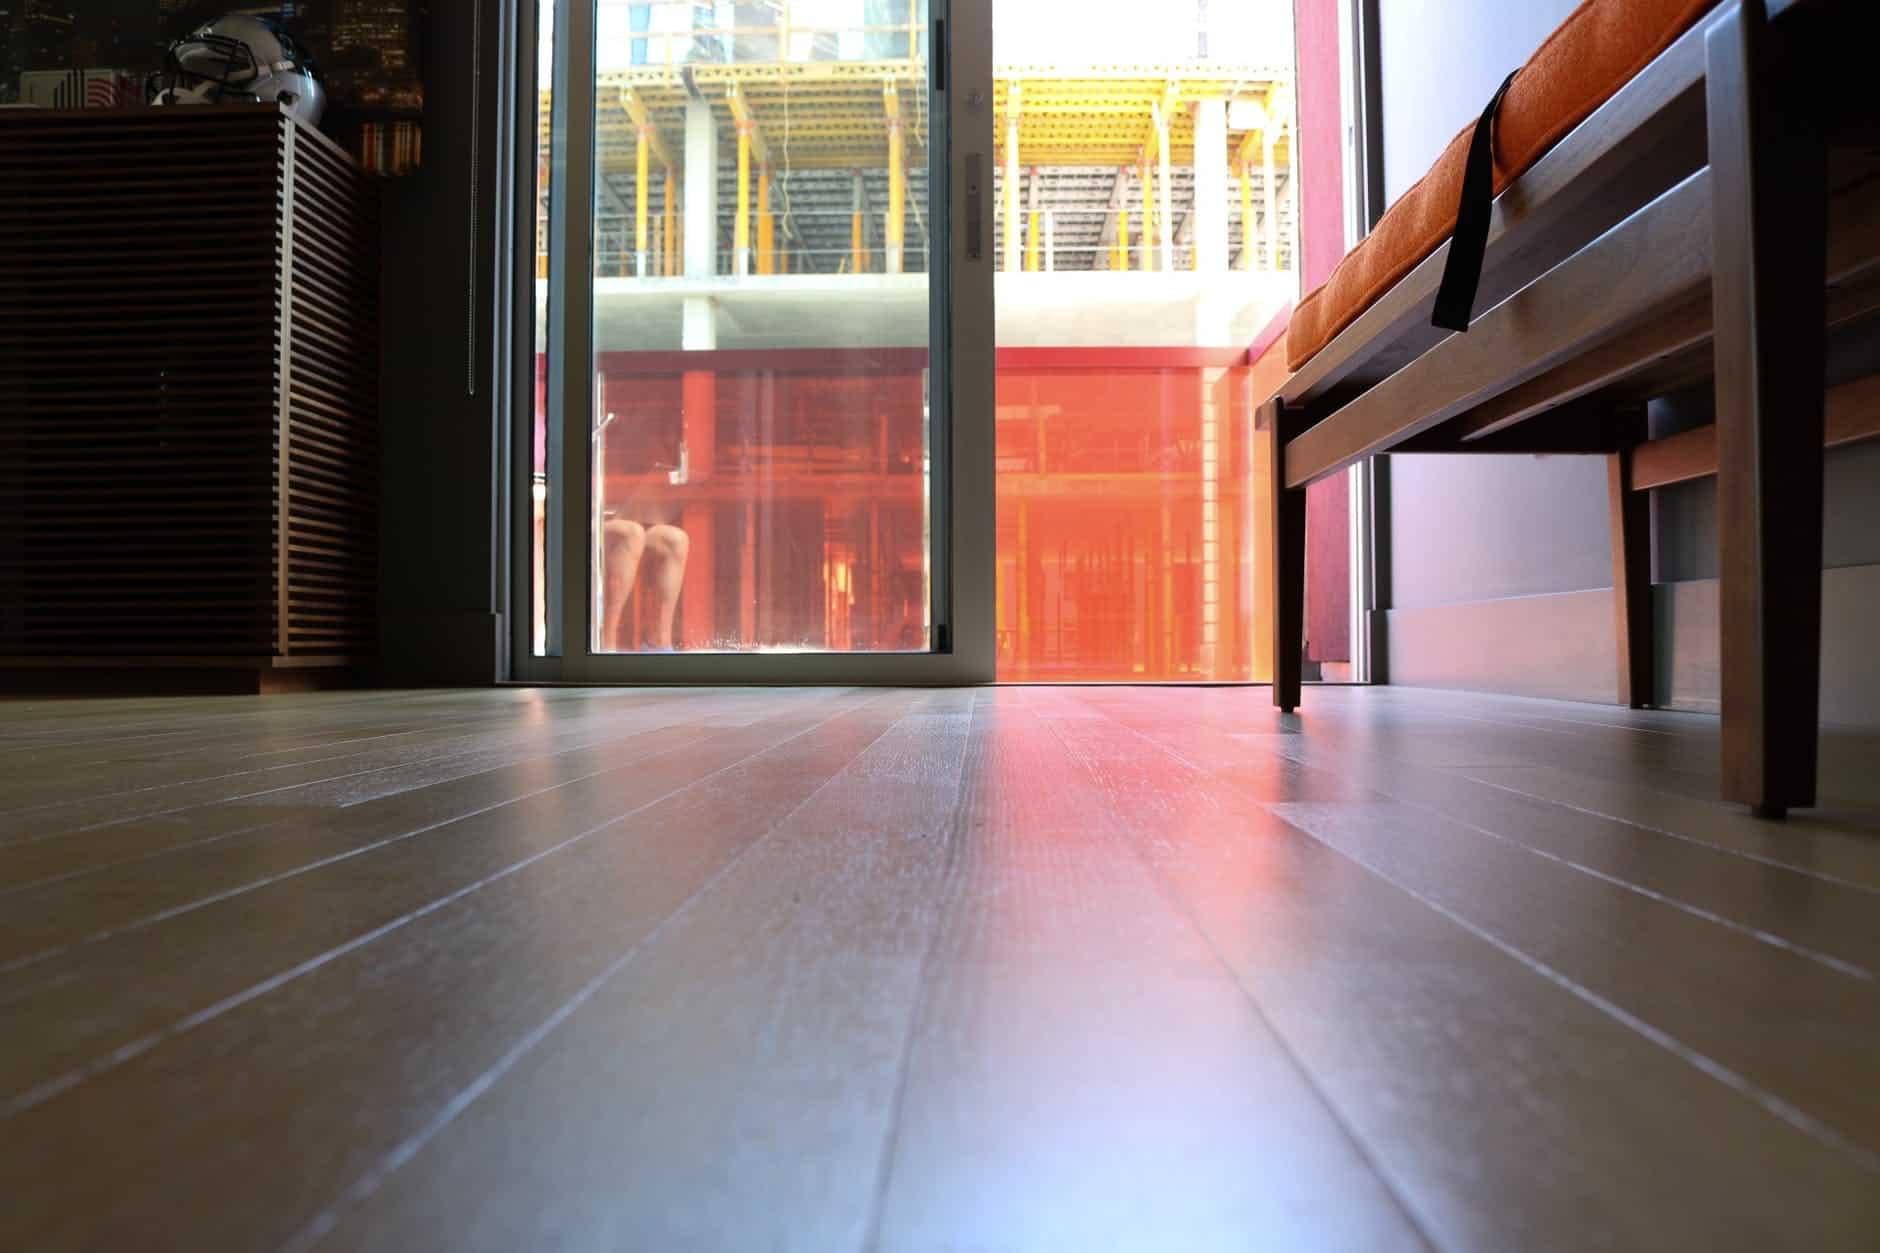 Pro podlahové topení vybírejte podlahovou krytinu s nízkým tepelným odporem a vyšší vodivostí.